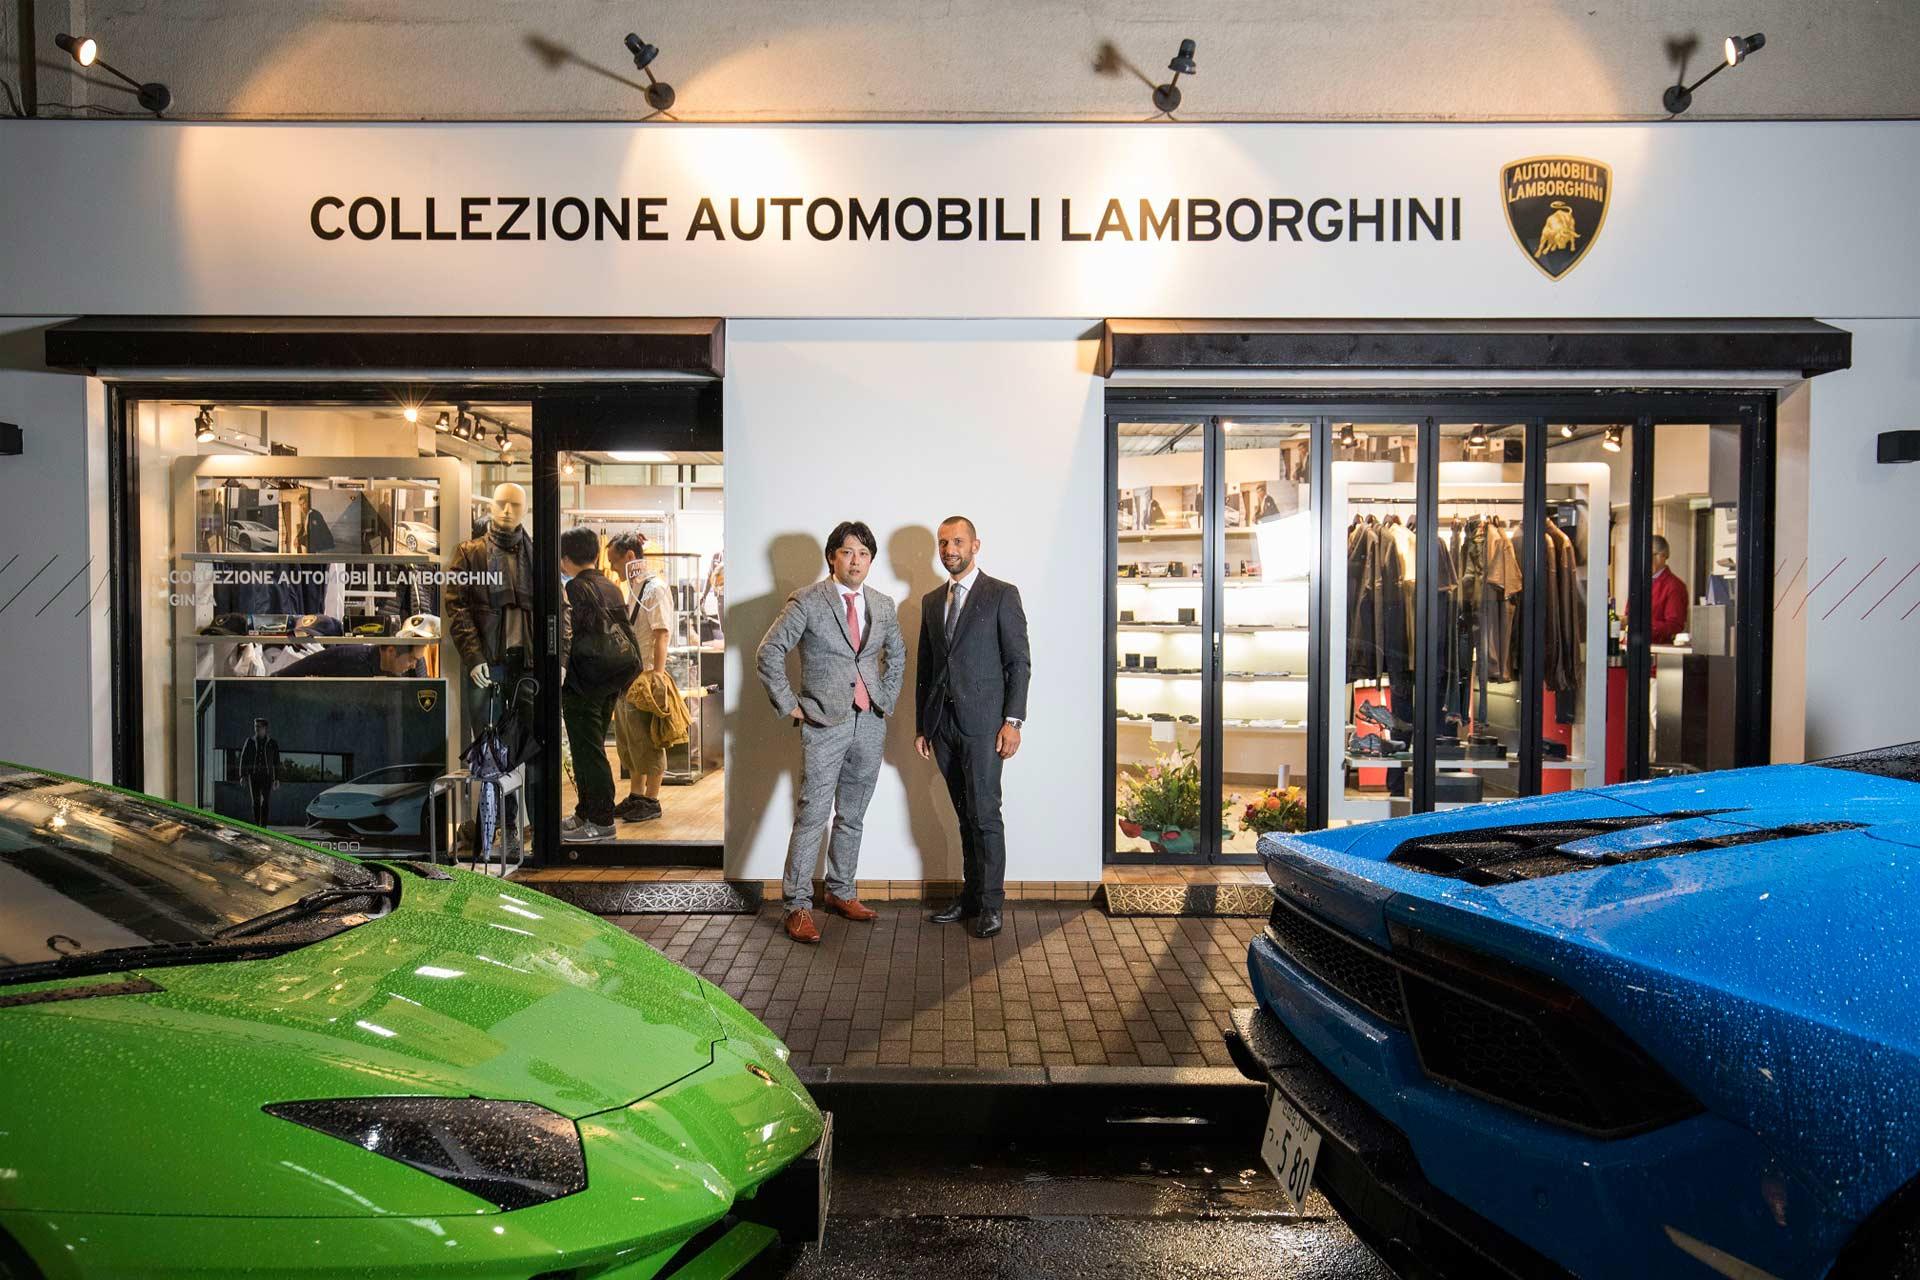 First Collezione Automobili Lamborghini store opens in Japan